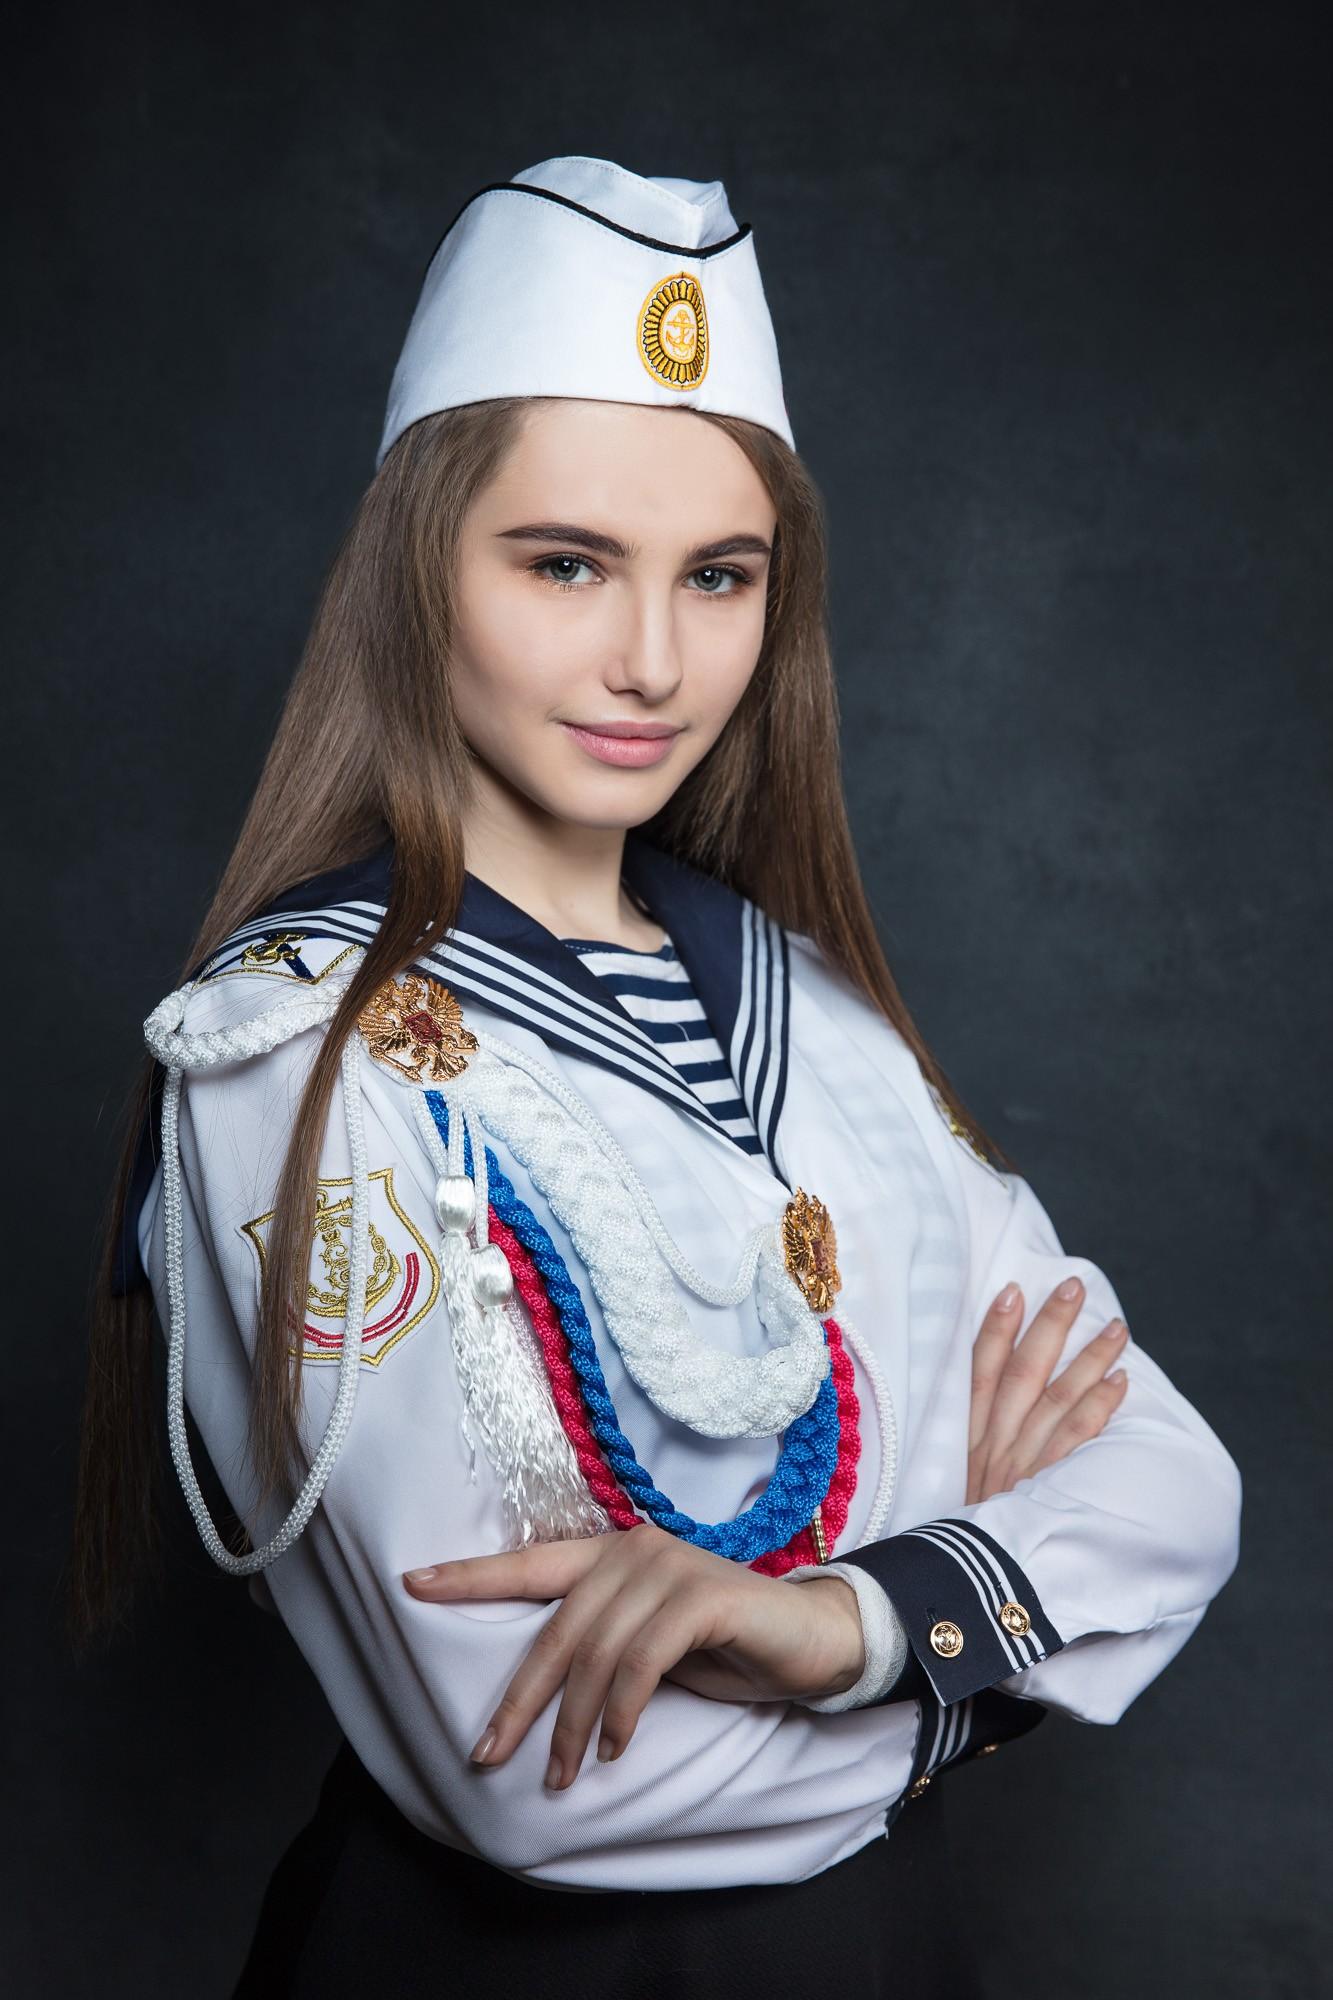 Национальные костюмы 2018 - 22